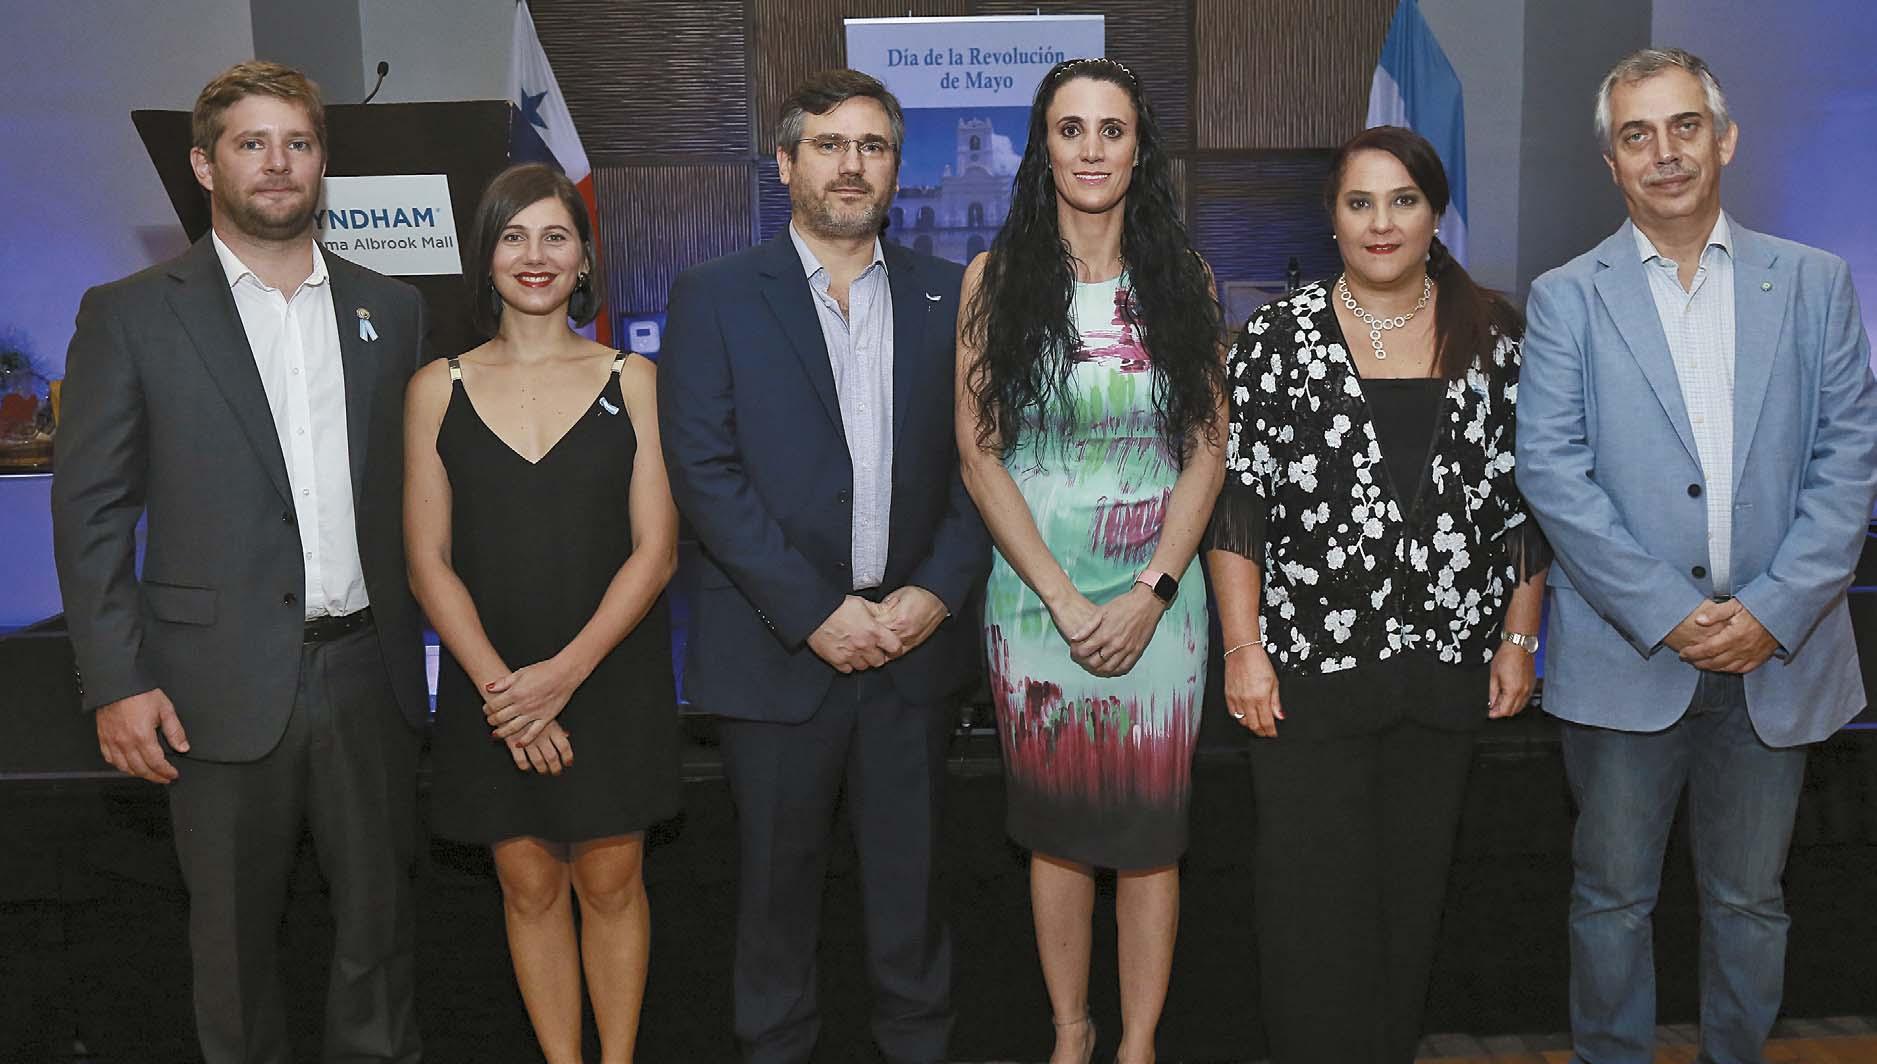 CULTURALES EVENTOS  | La Embajada de Argentina celebró el aniversario 208 de la Revolución de Mayo